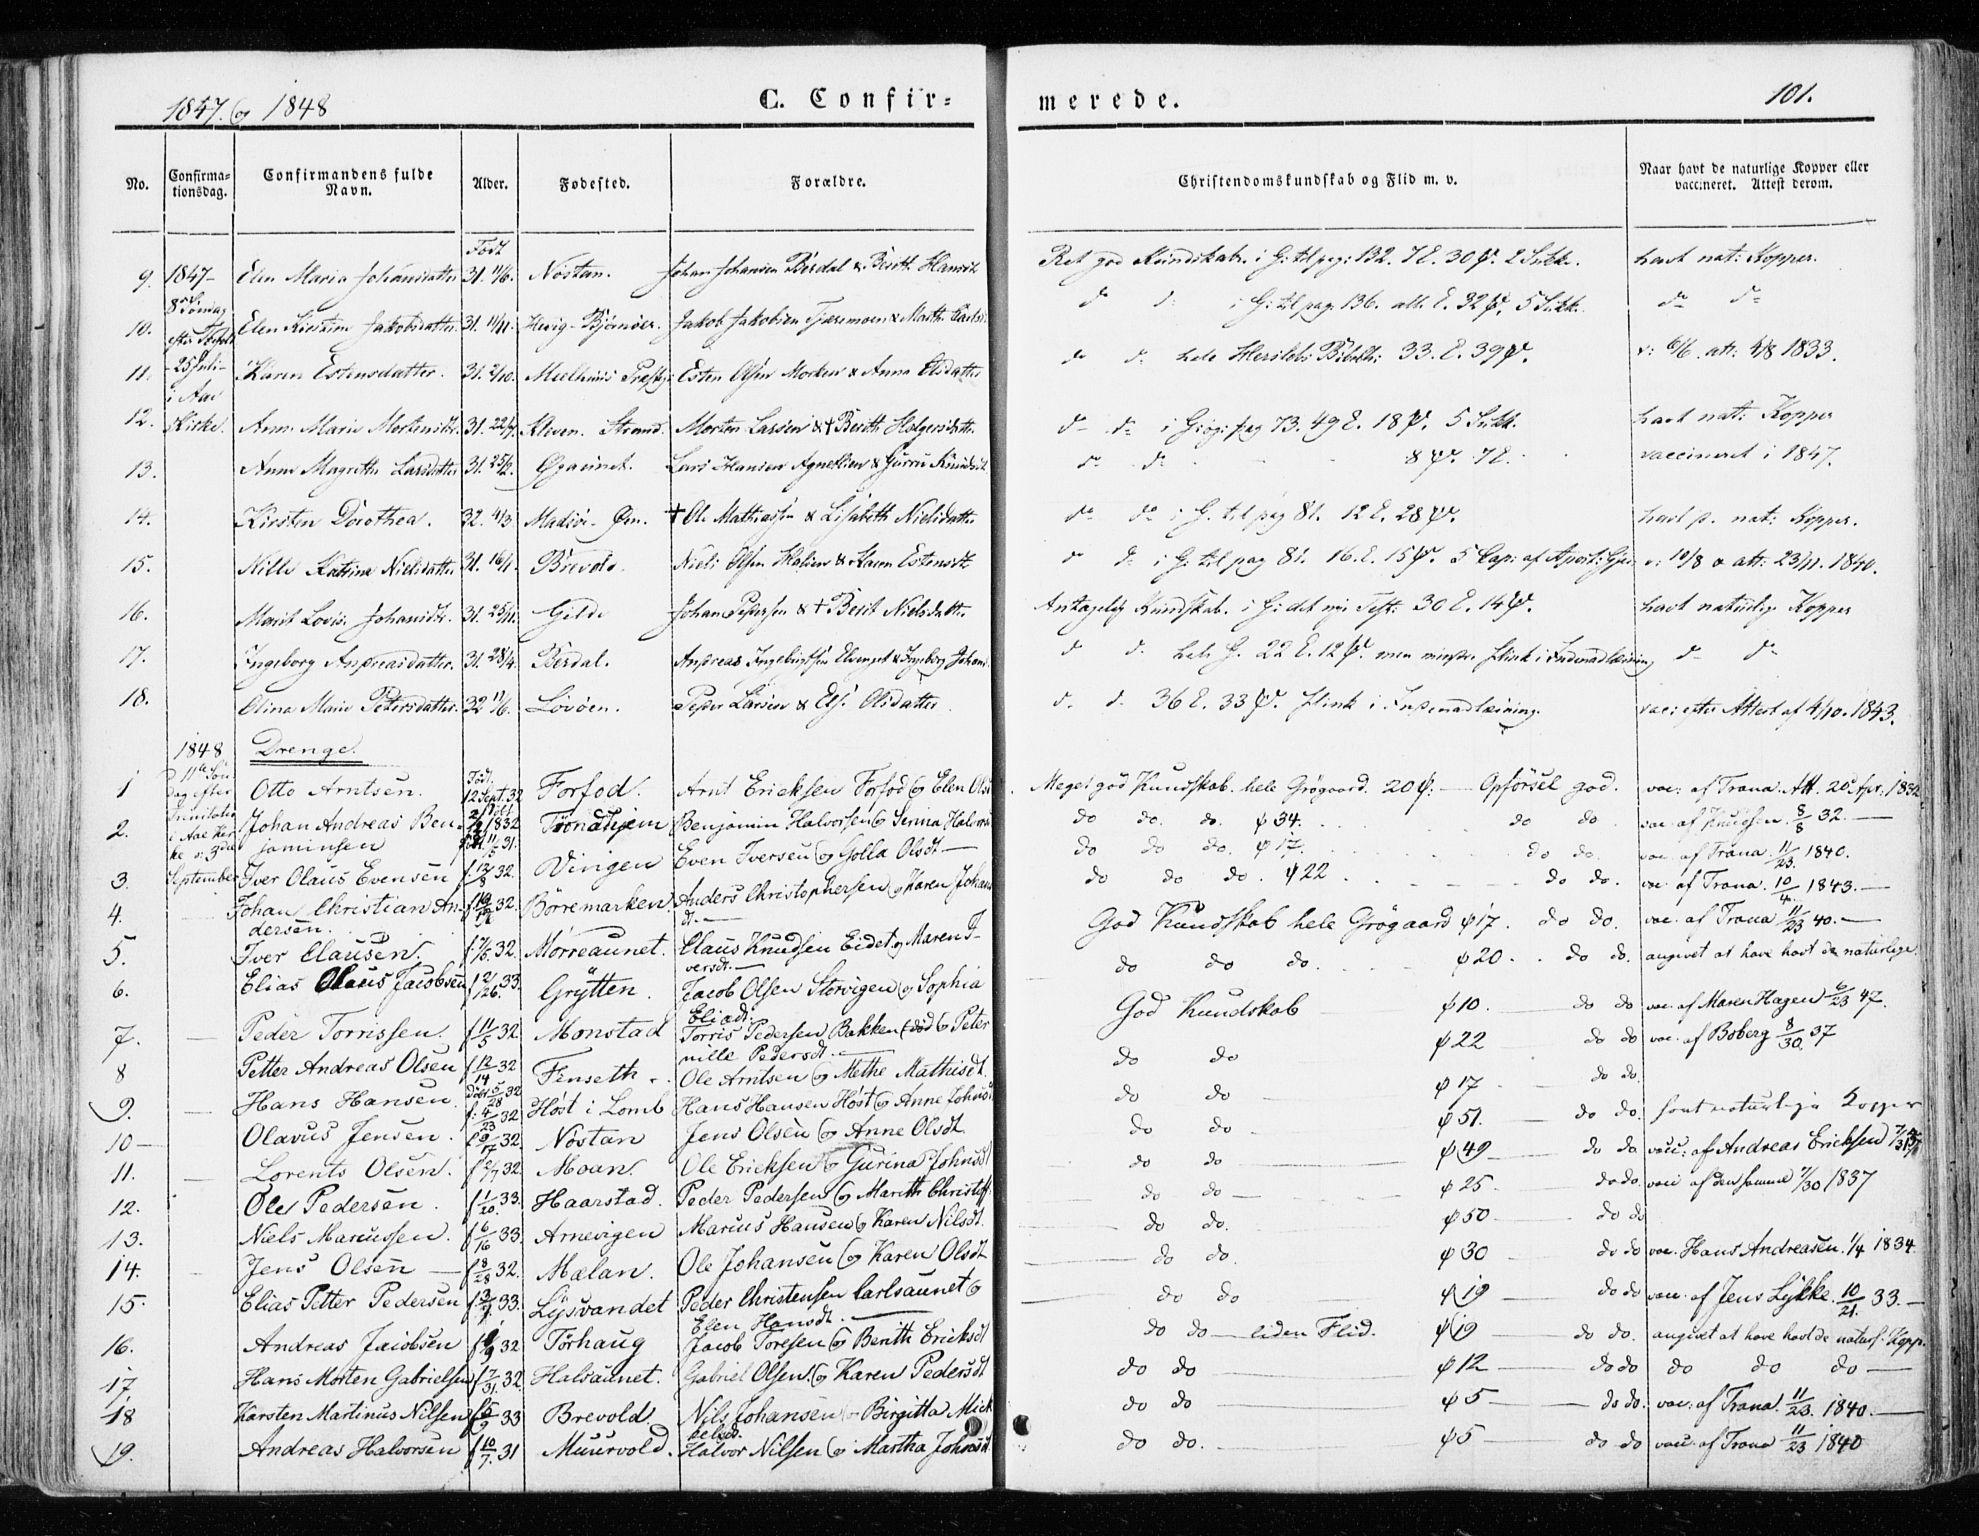 SAT, Ministerialprotokoller, klokkerbøker og fødselsregistre - Sør-Trøndelag, 655/L0677: Ministerialbok nr. 655A06, 1847-1860, s. 101